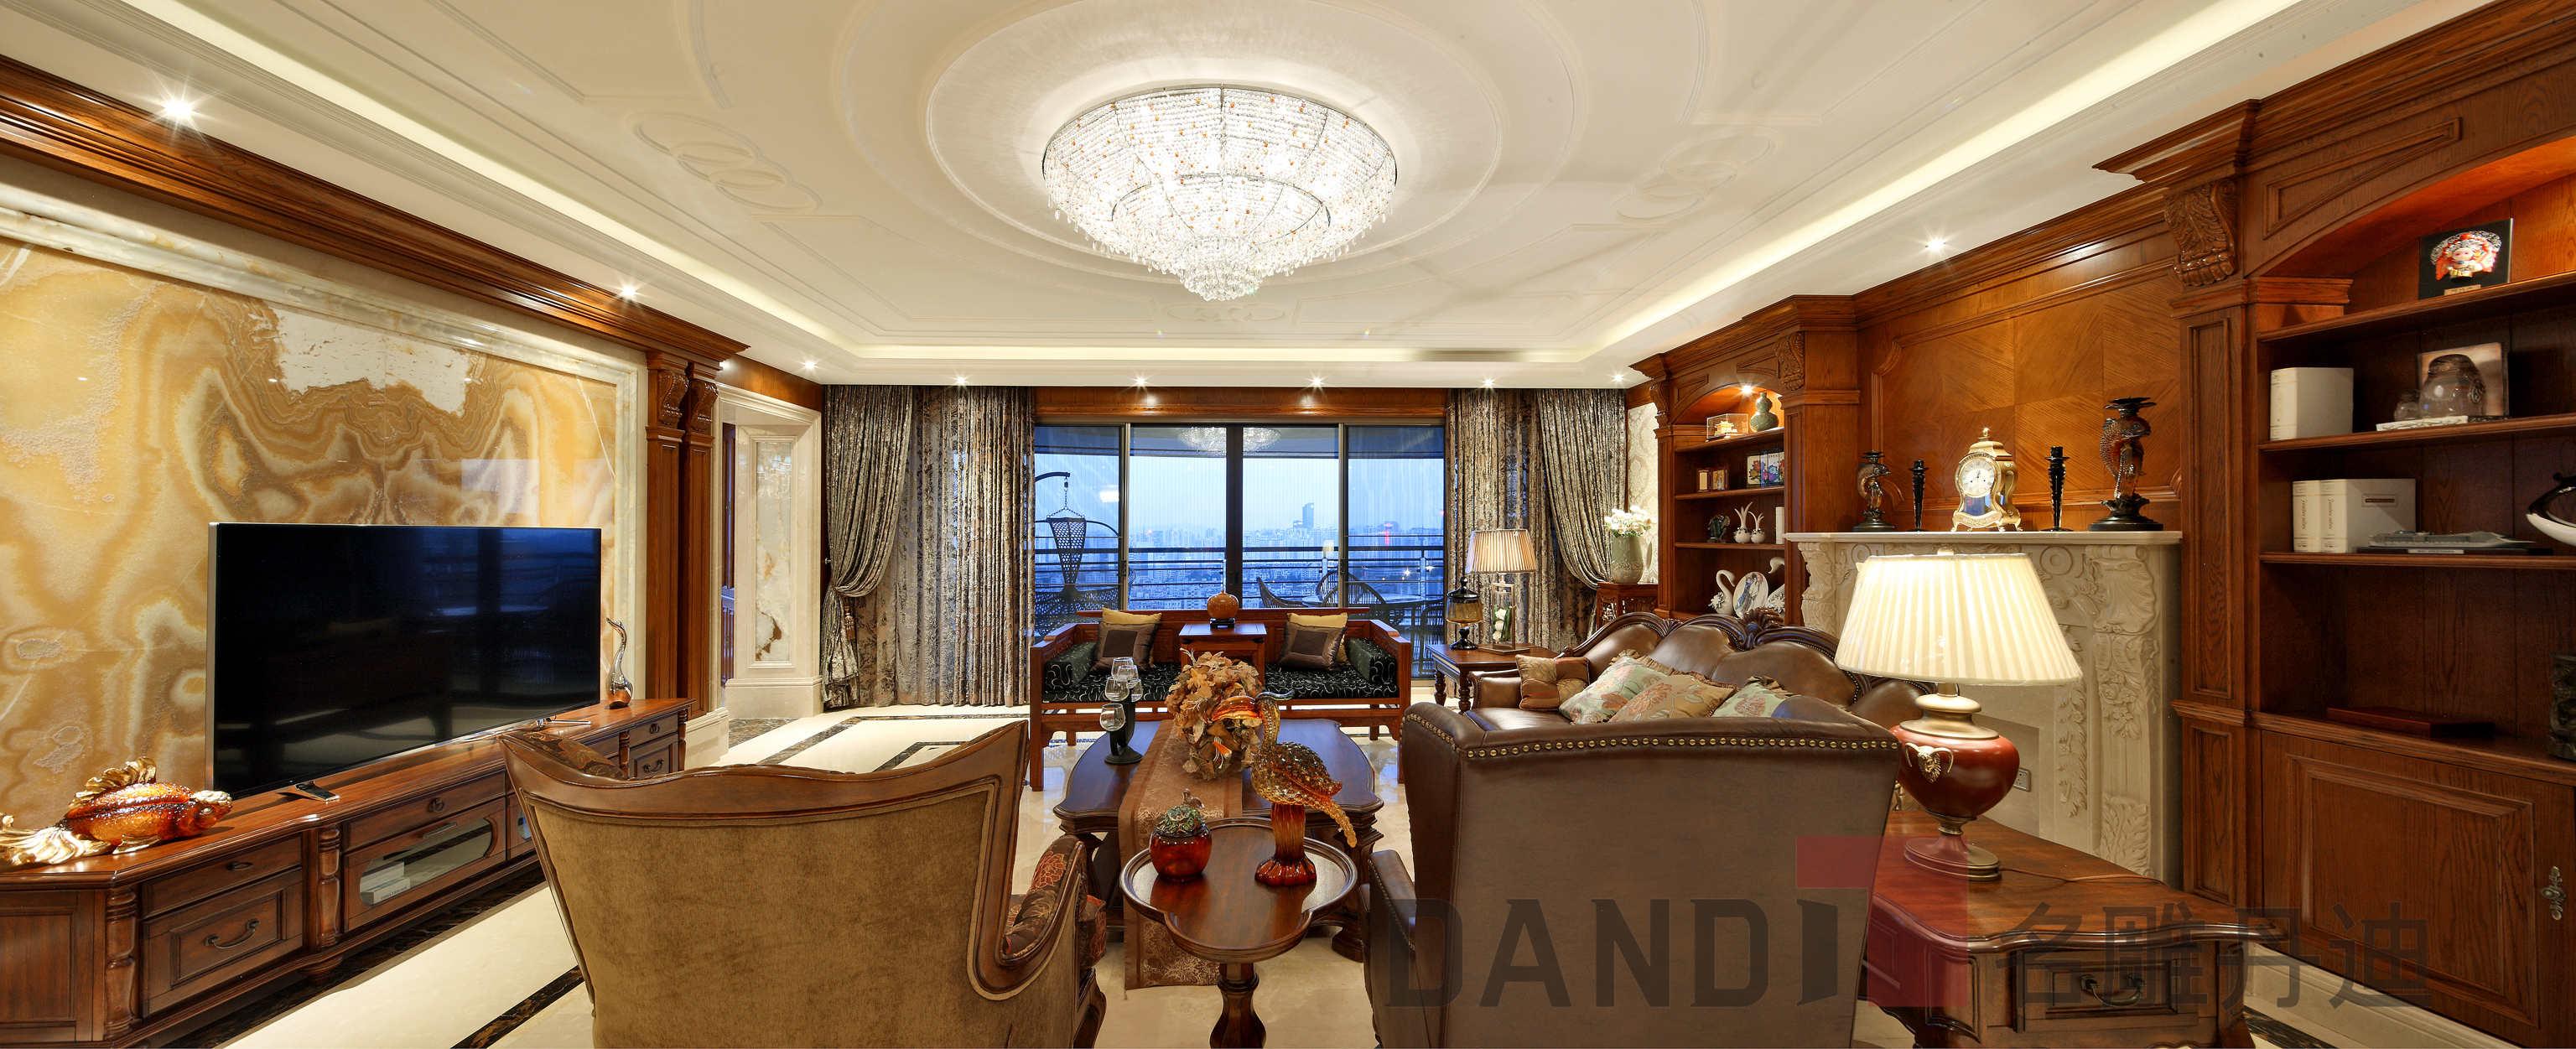 美式 欧式 别墅 客厅图片来自名雕丹迪在天御山-美式风格-700平-独栋的分享